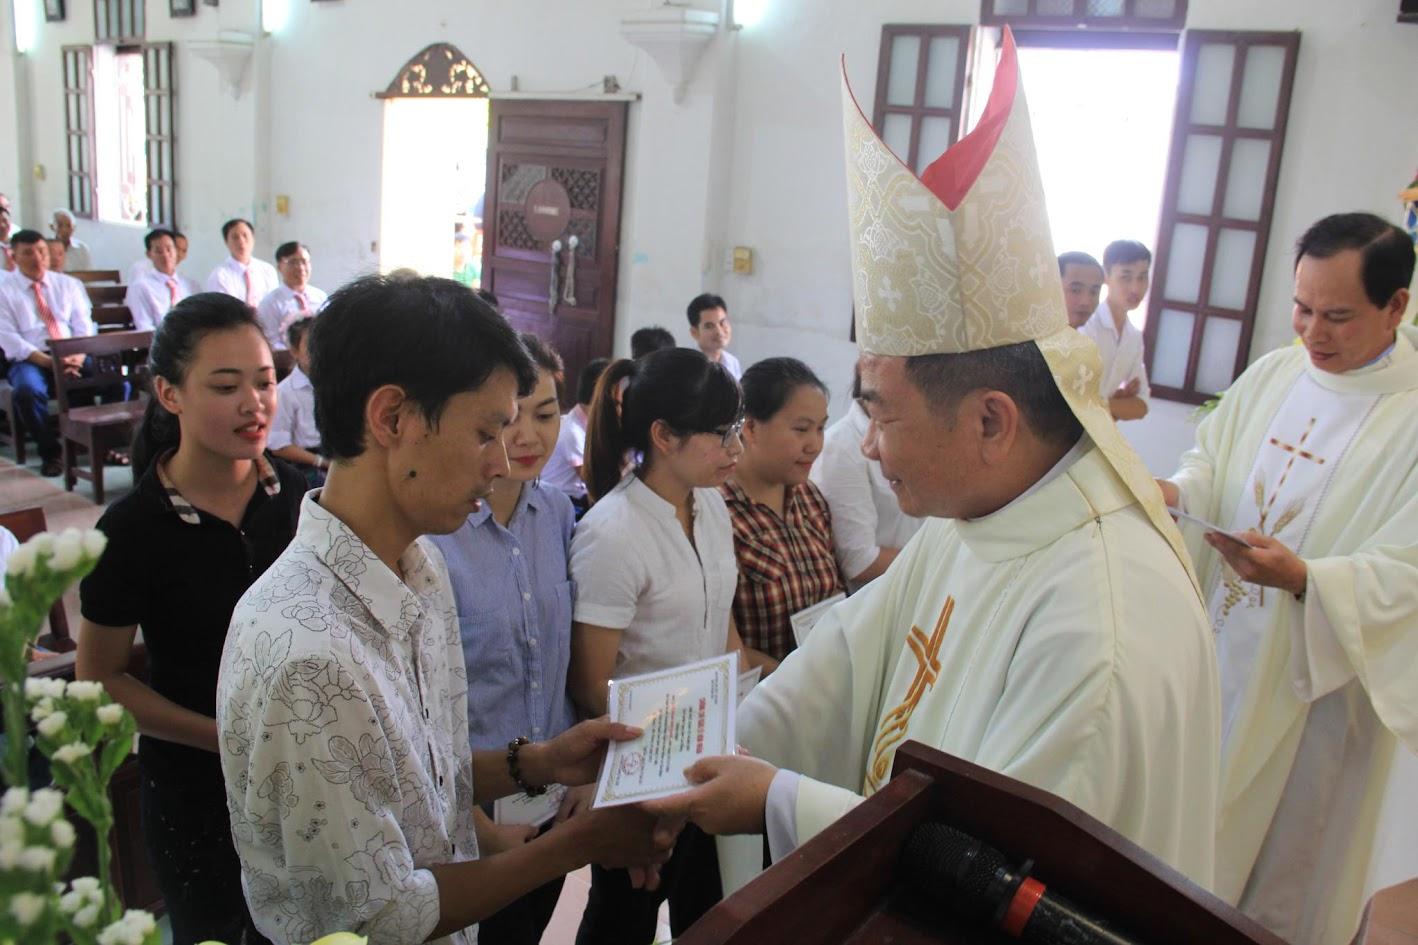 Giáo xứ Ngạn Sơn: Thánh lễ Bổn mạng và Làm phép Nhà mới - Ảnh minh hoạ 21